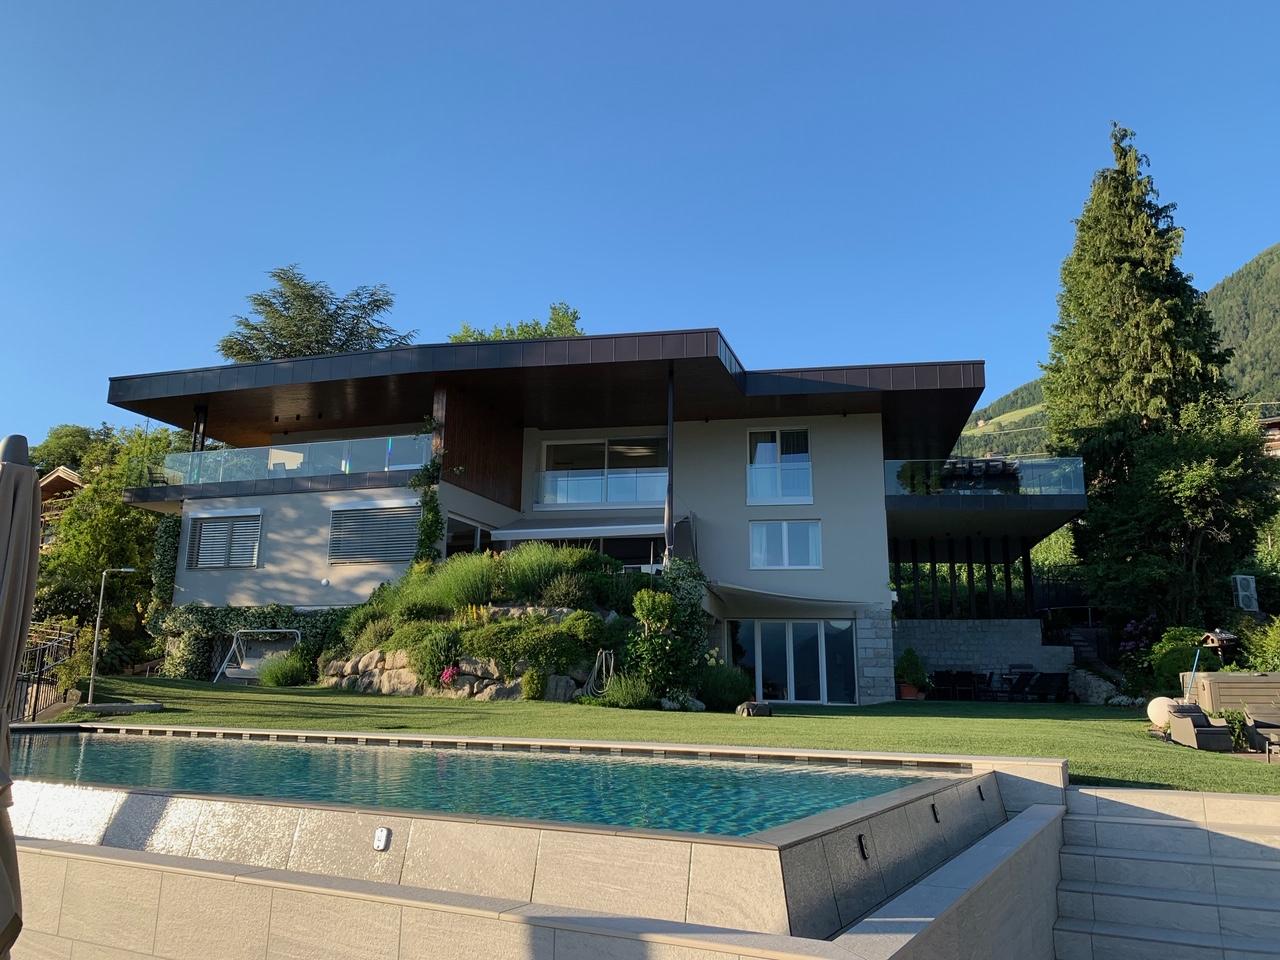 Chalet Villa Dorothee in Schenna, unser traumhaftes zu Hause liebevoll umgebaut...